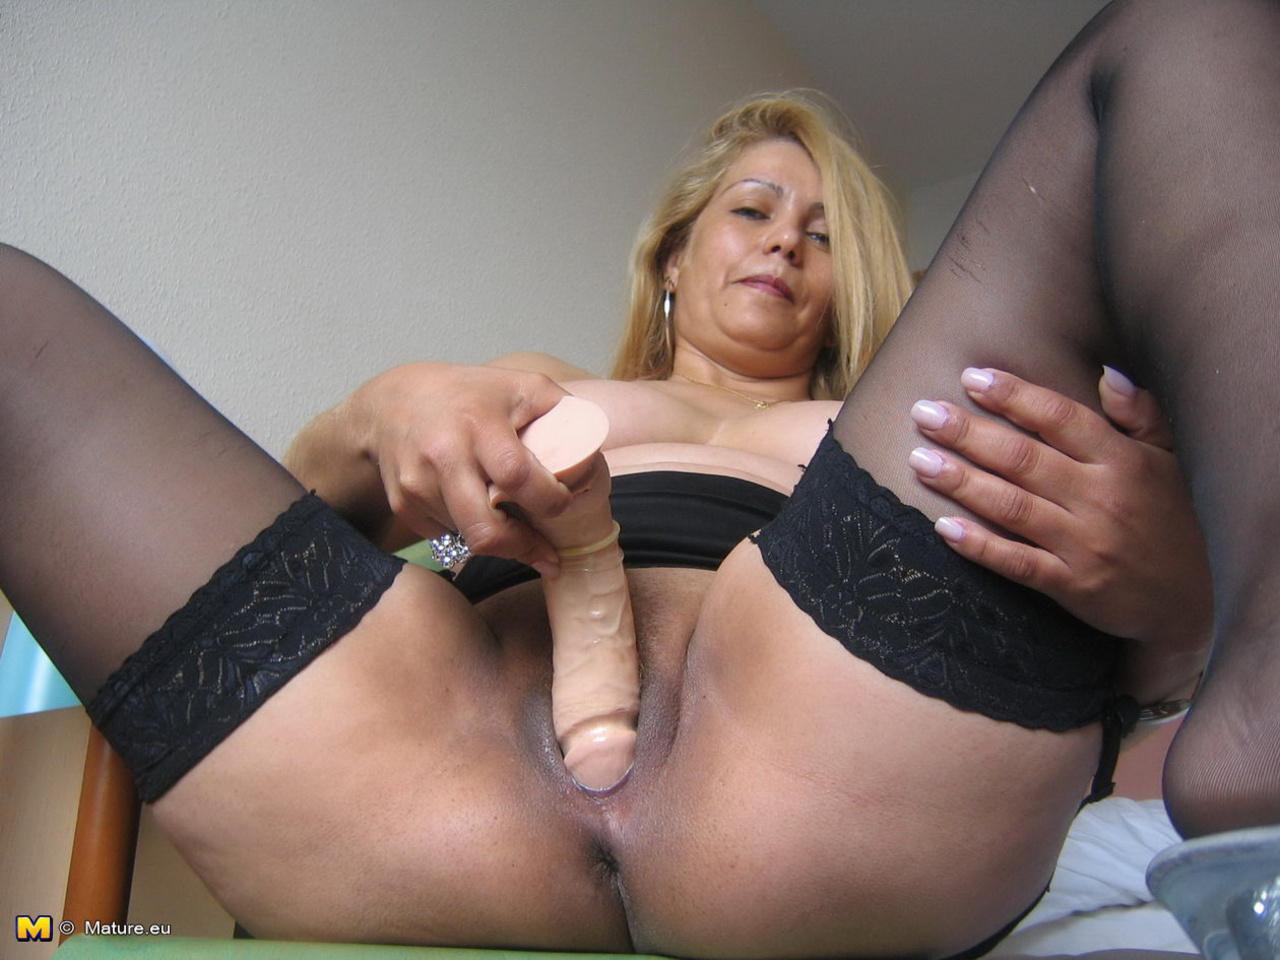 зрелая мастурбирует большим дилдо